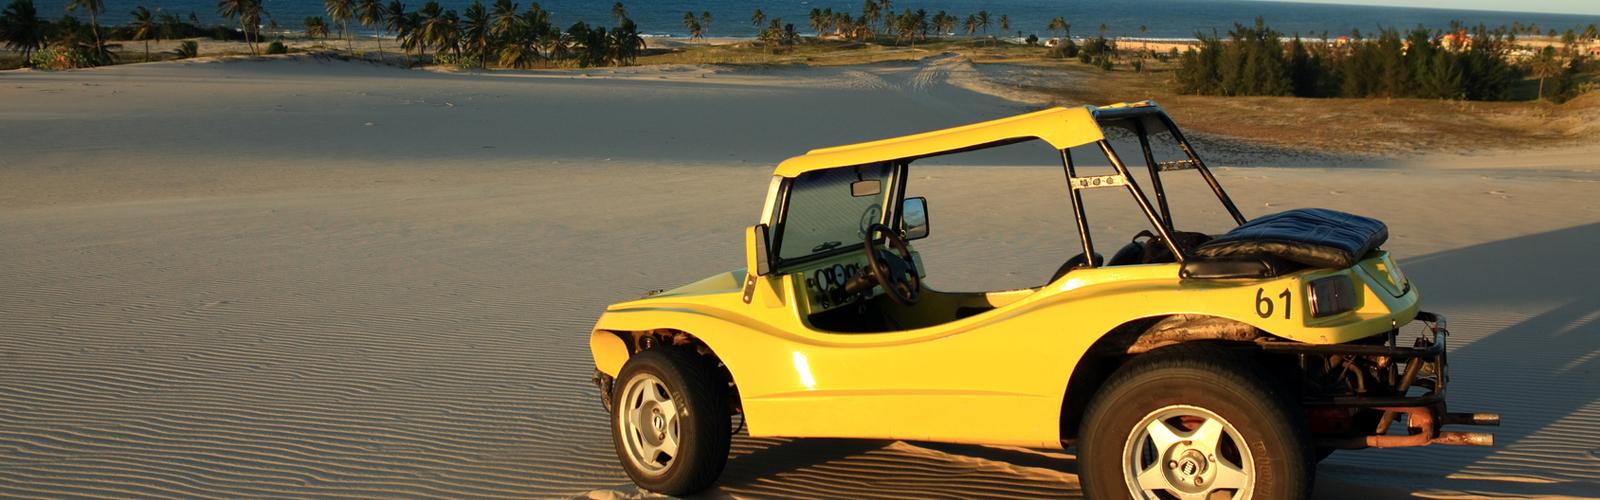 Buggytouren durch die Dünen